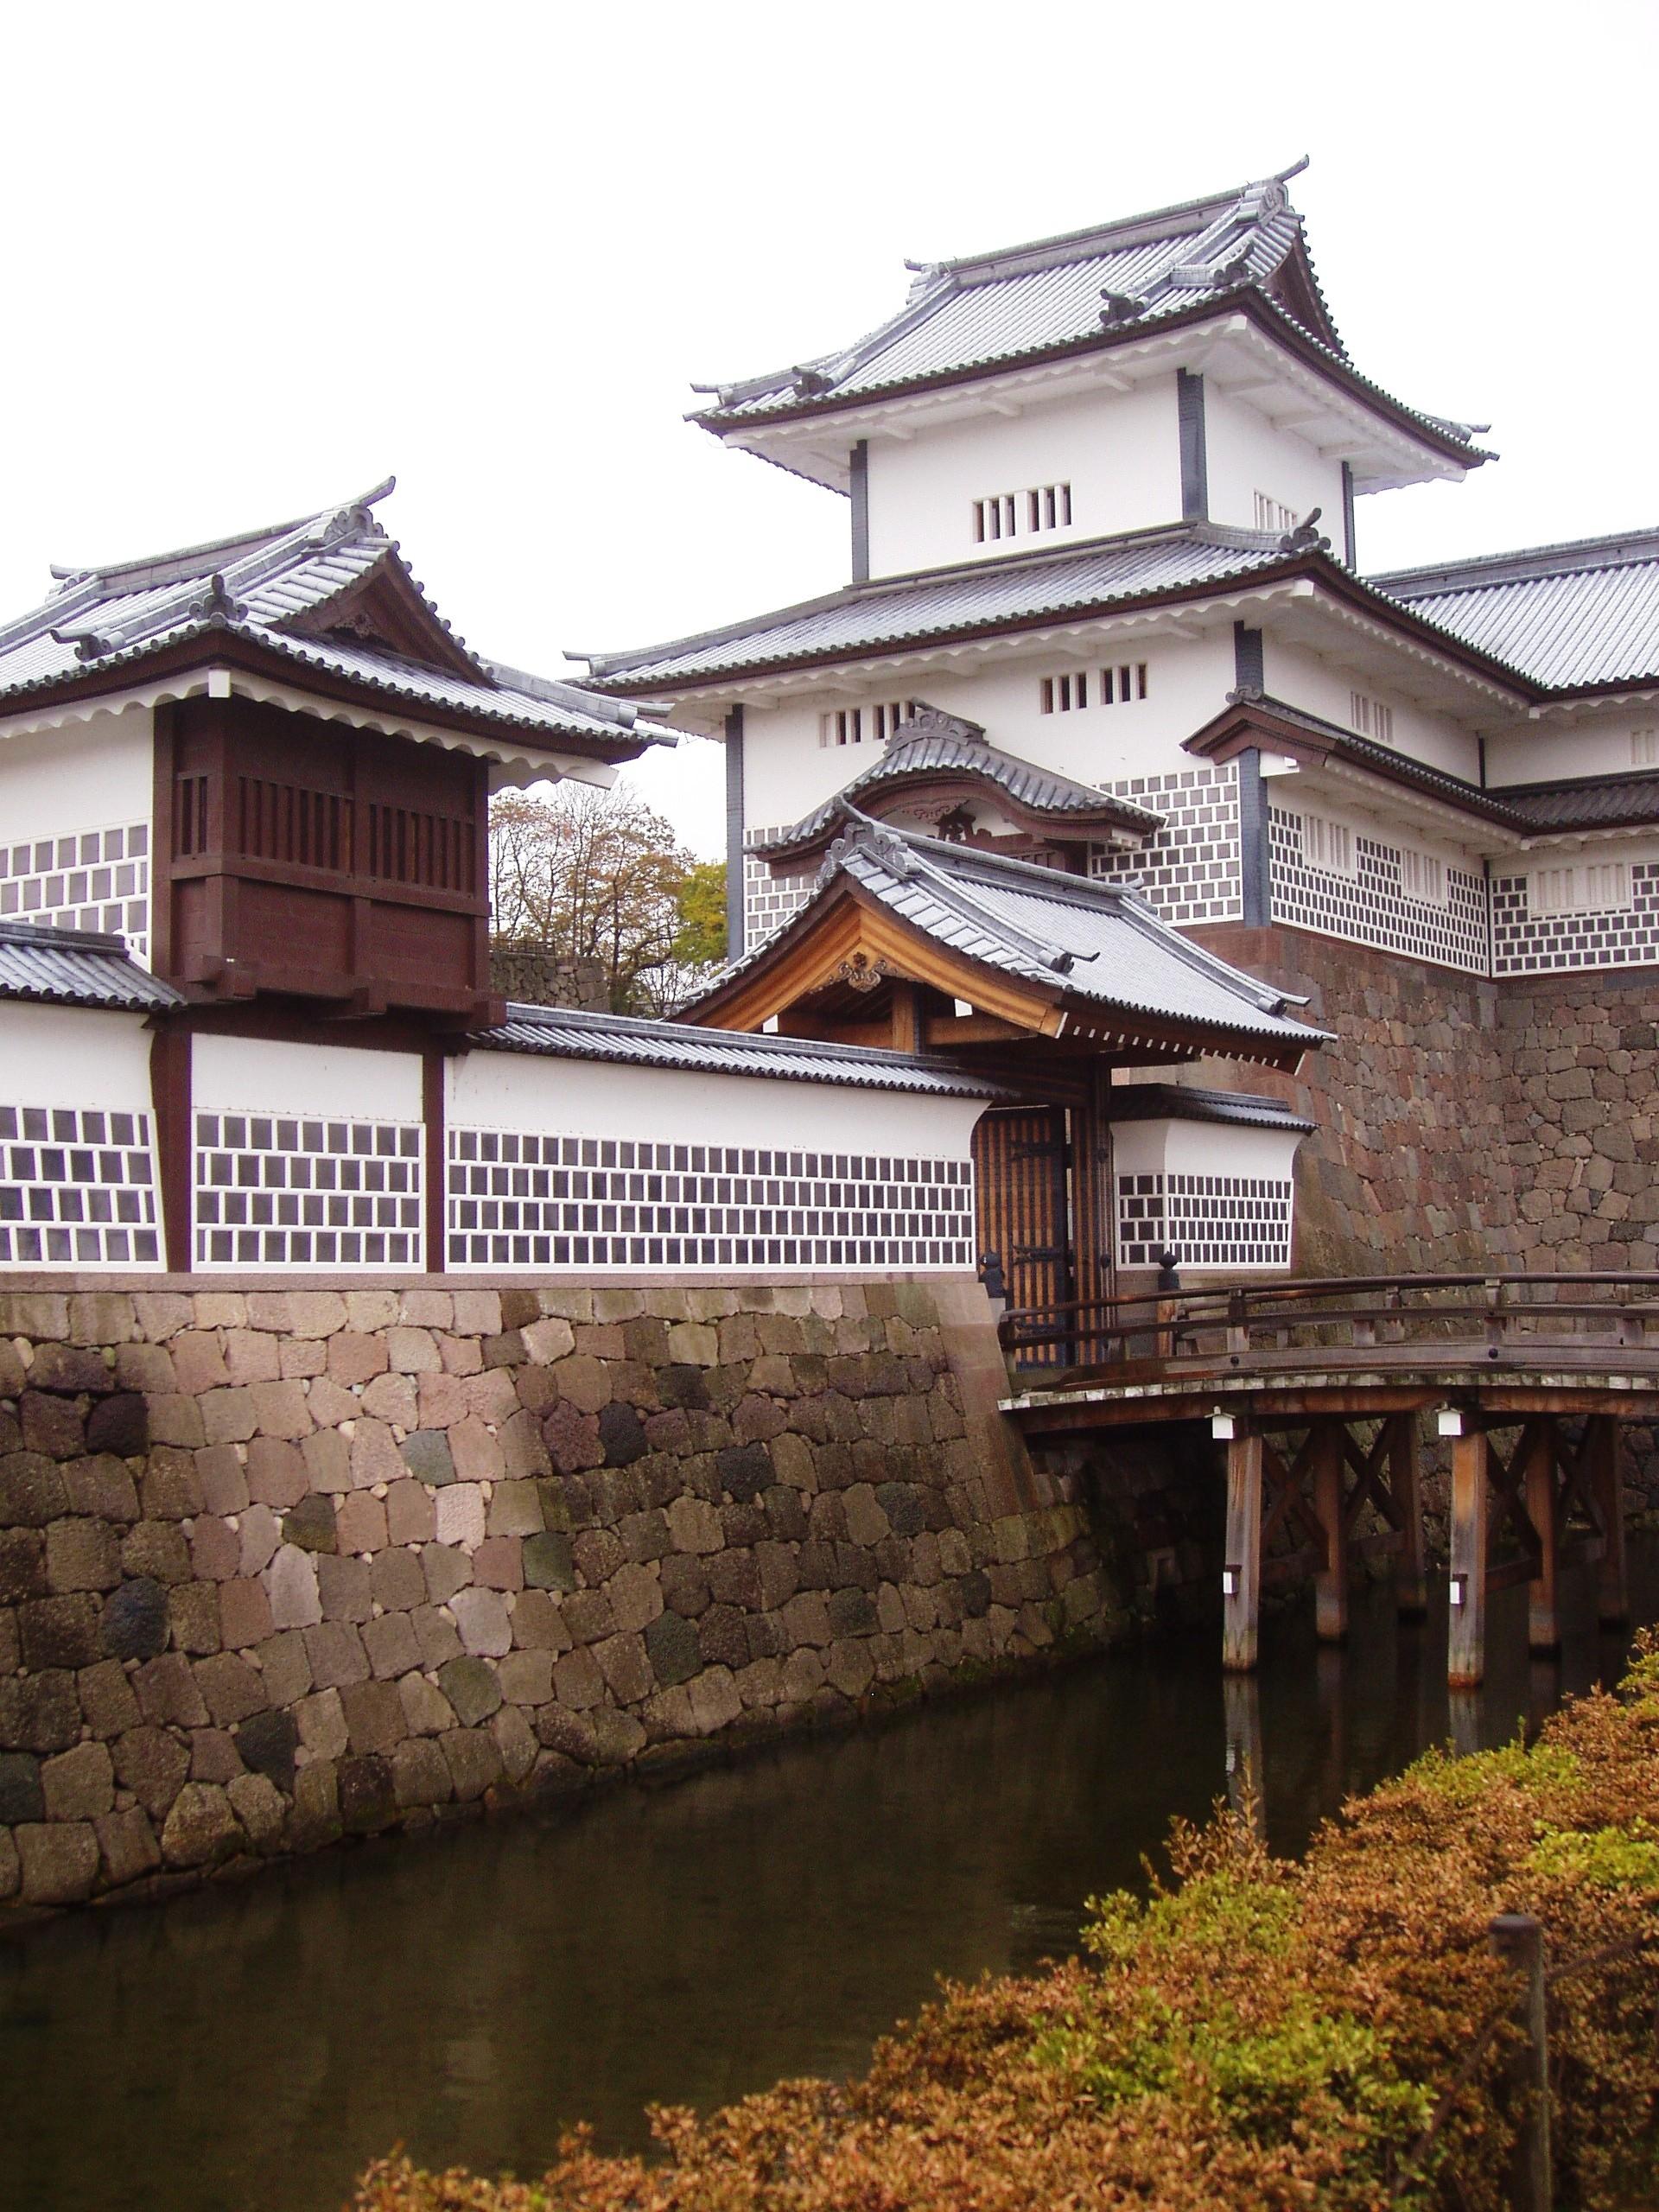 Language House On Shikoku Island Jobs